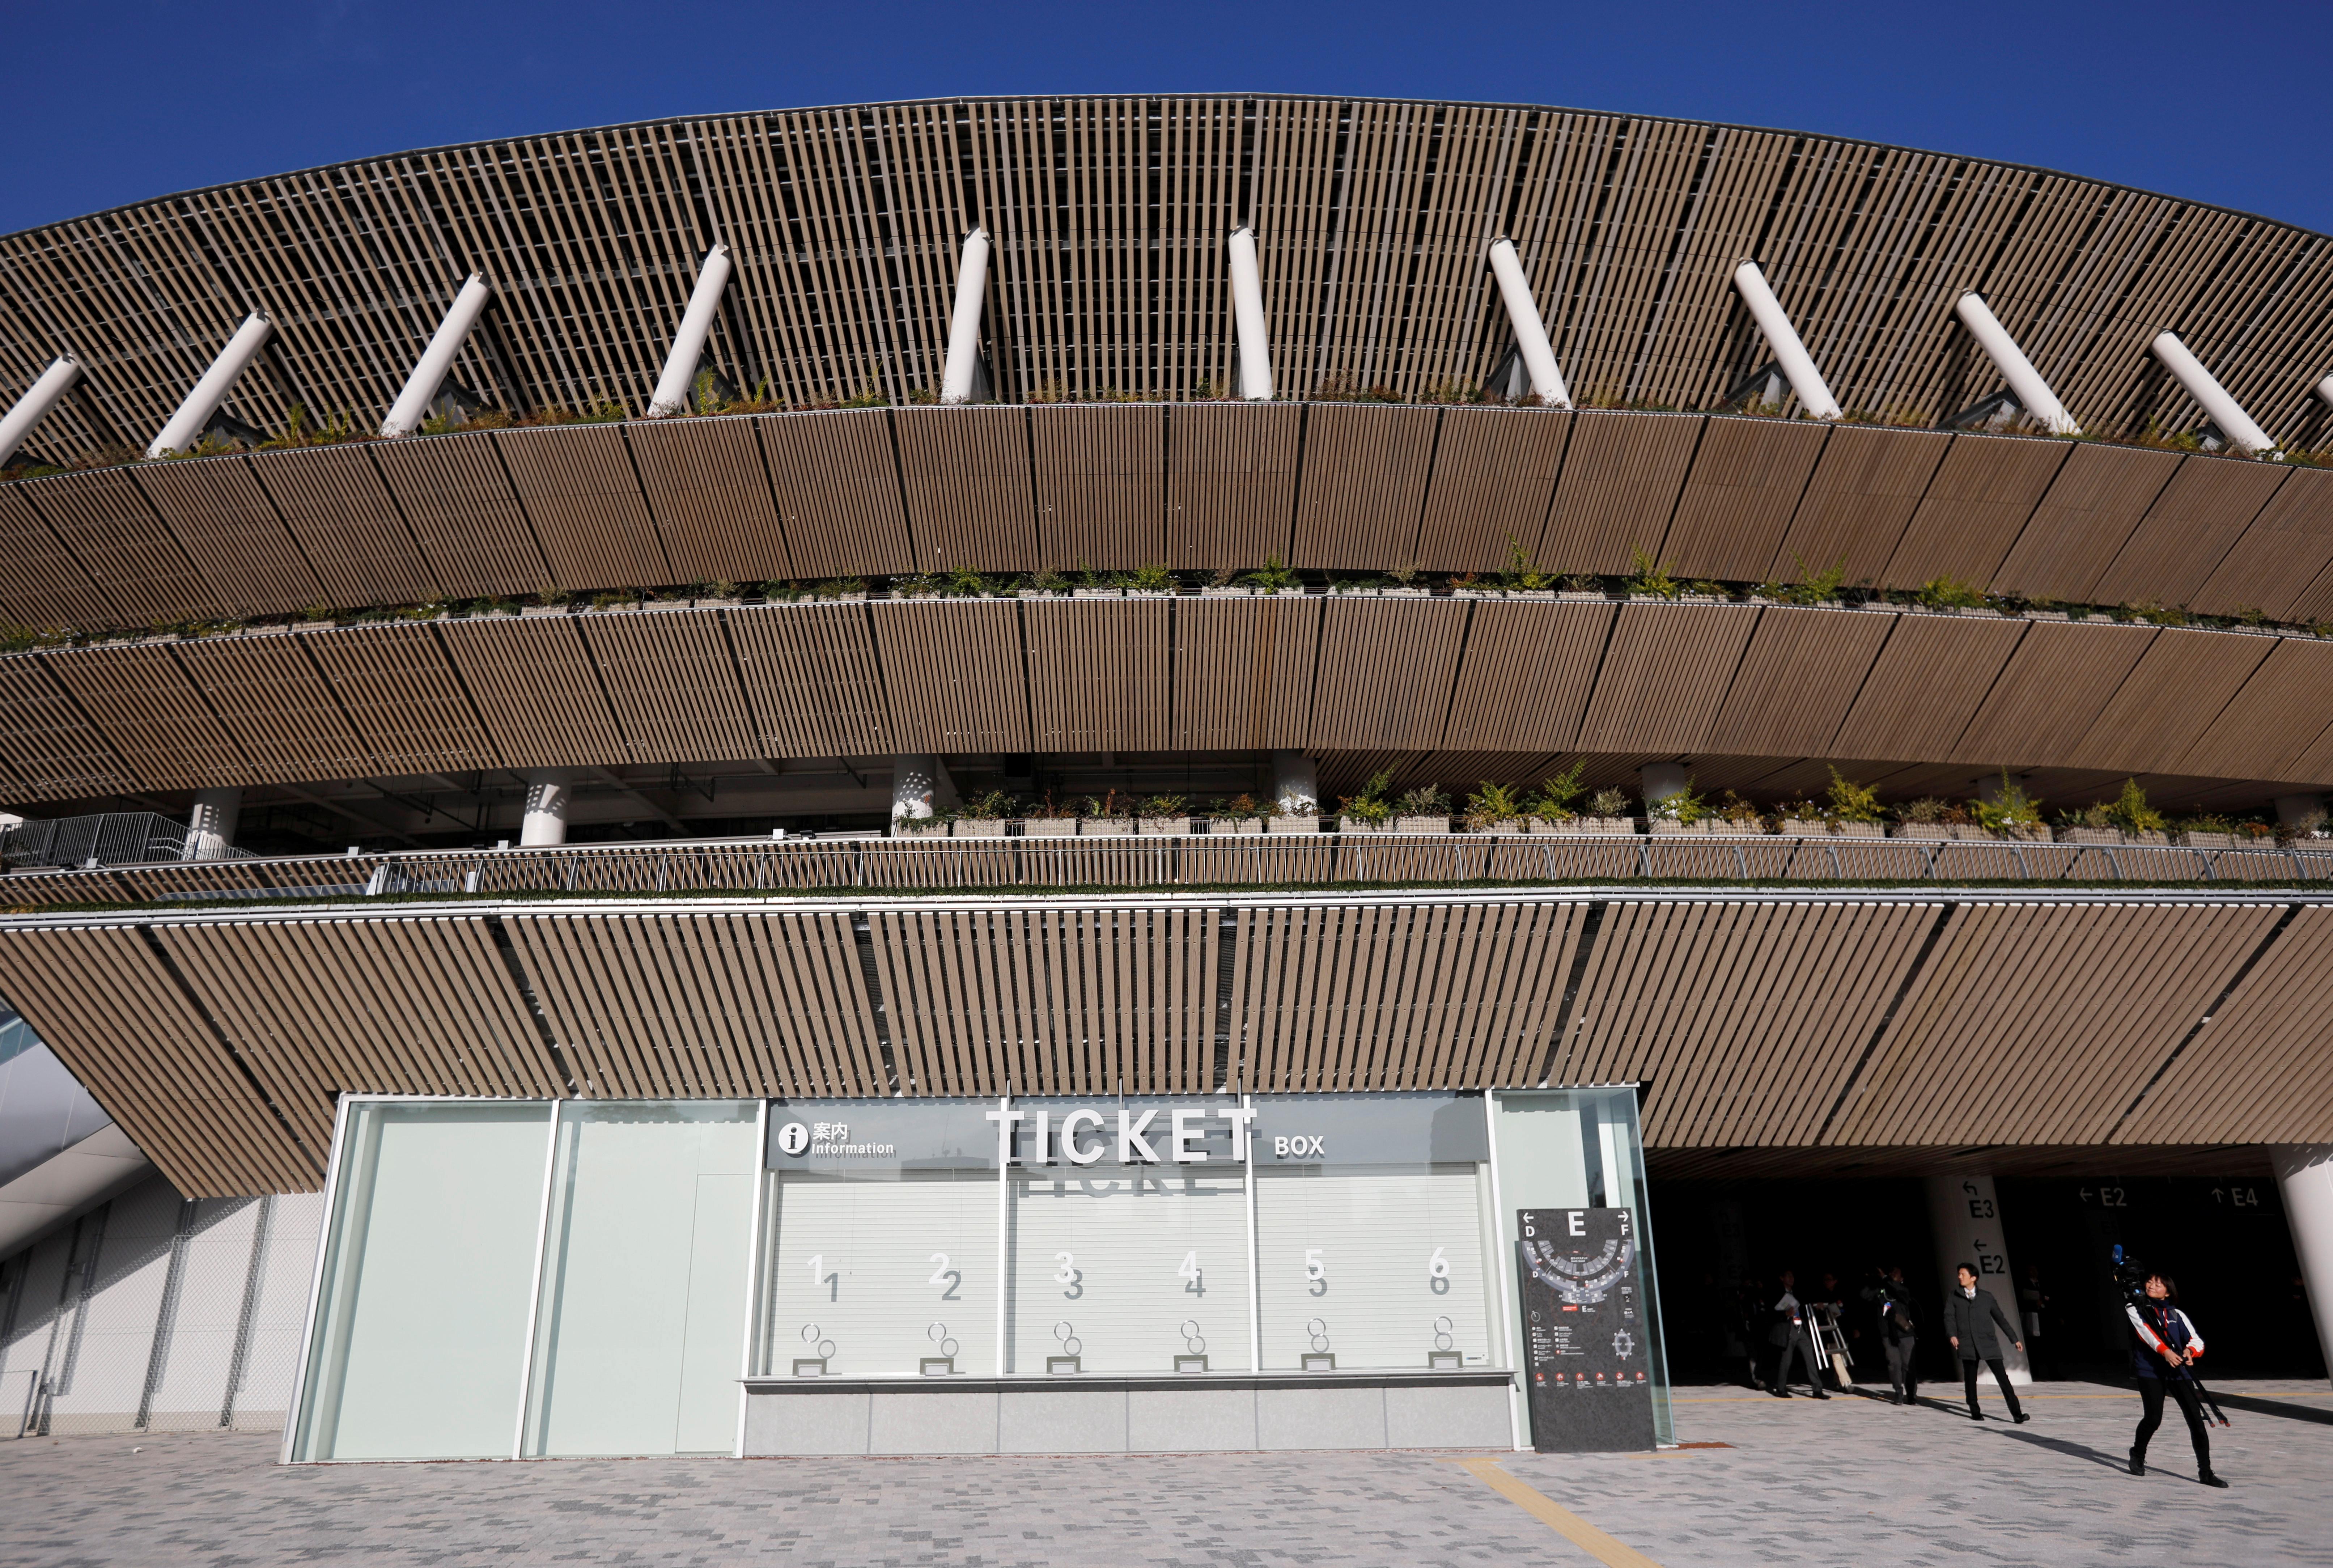 Para la construcción, se demolió el Estadio Nacional de Tokio que había sido inaugurado en 1958 con una capacidad para 57.000 espectadores